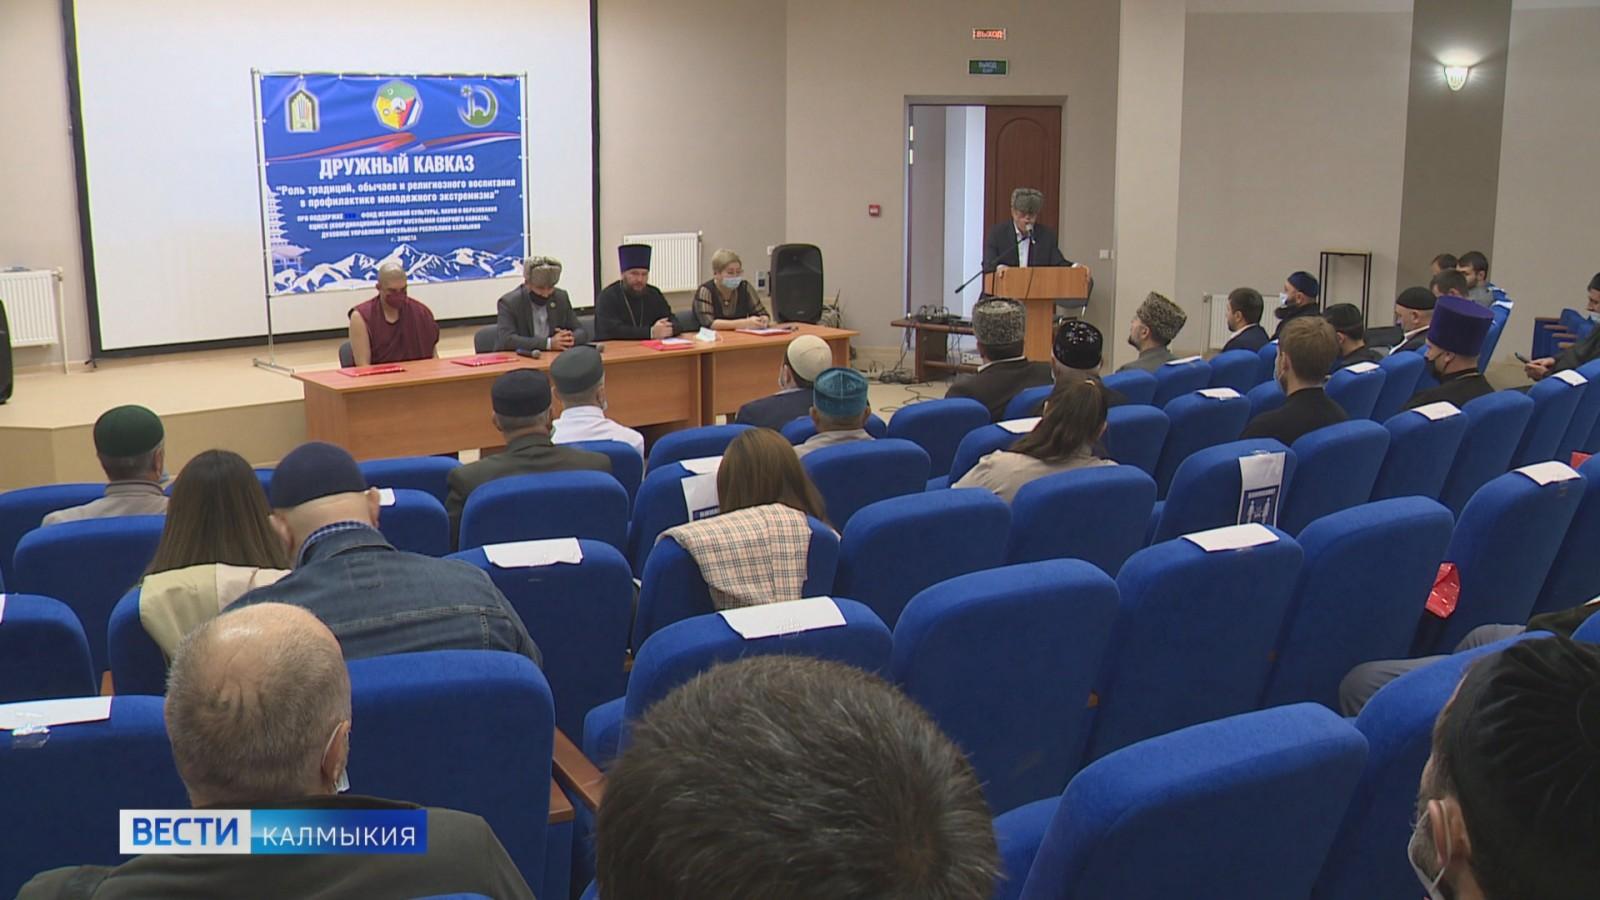 В Элисте проходит традиционный Молодежный форум межконфессионального клуба «Дружный Кавказ»